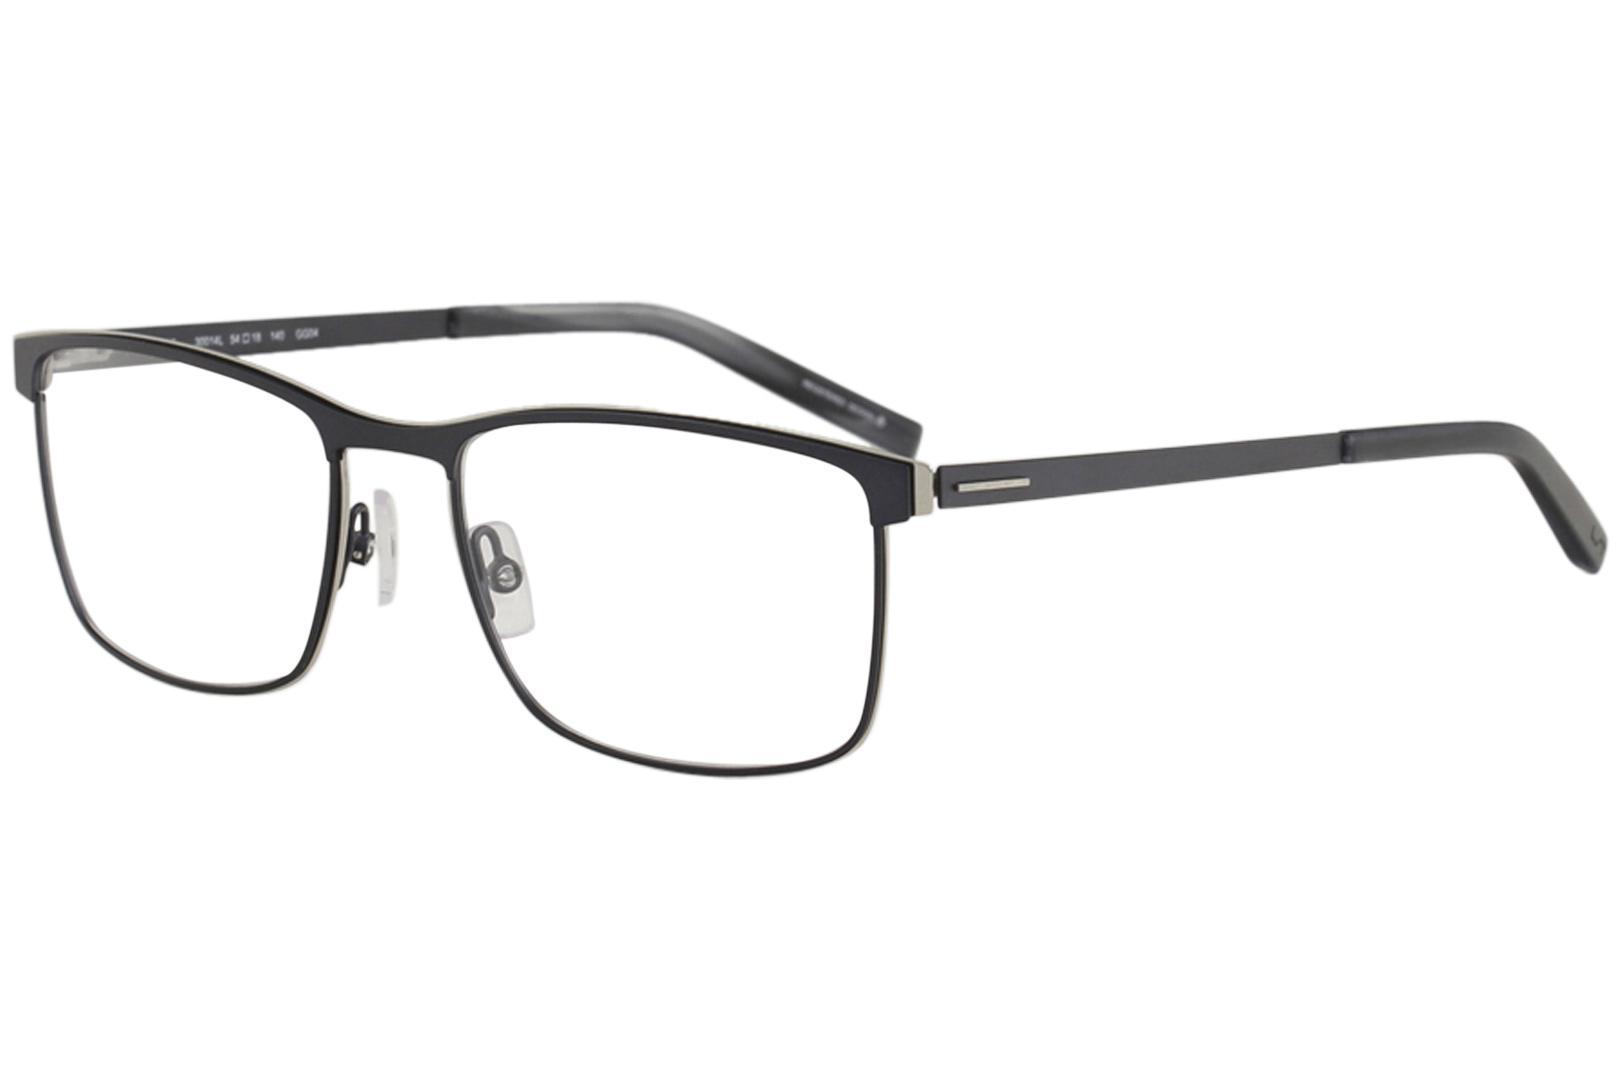 Image of Morel Men's Eyeglasses Lightec 30014L 30014/L Full Rim Optical Frame - Dark Grey   GG04 - Lens 54 Bridge 18 Temple 140mm